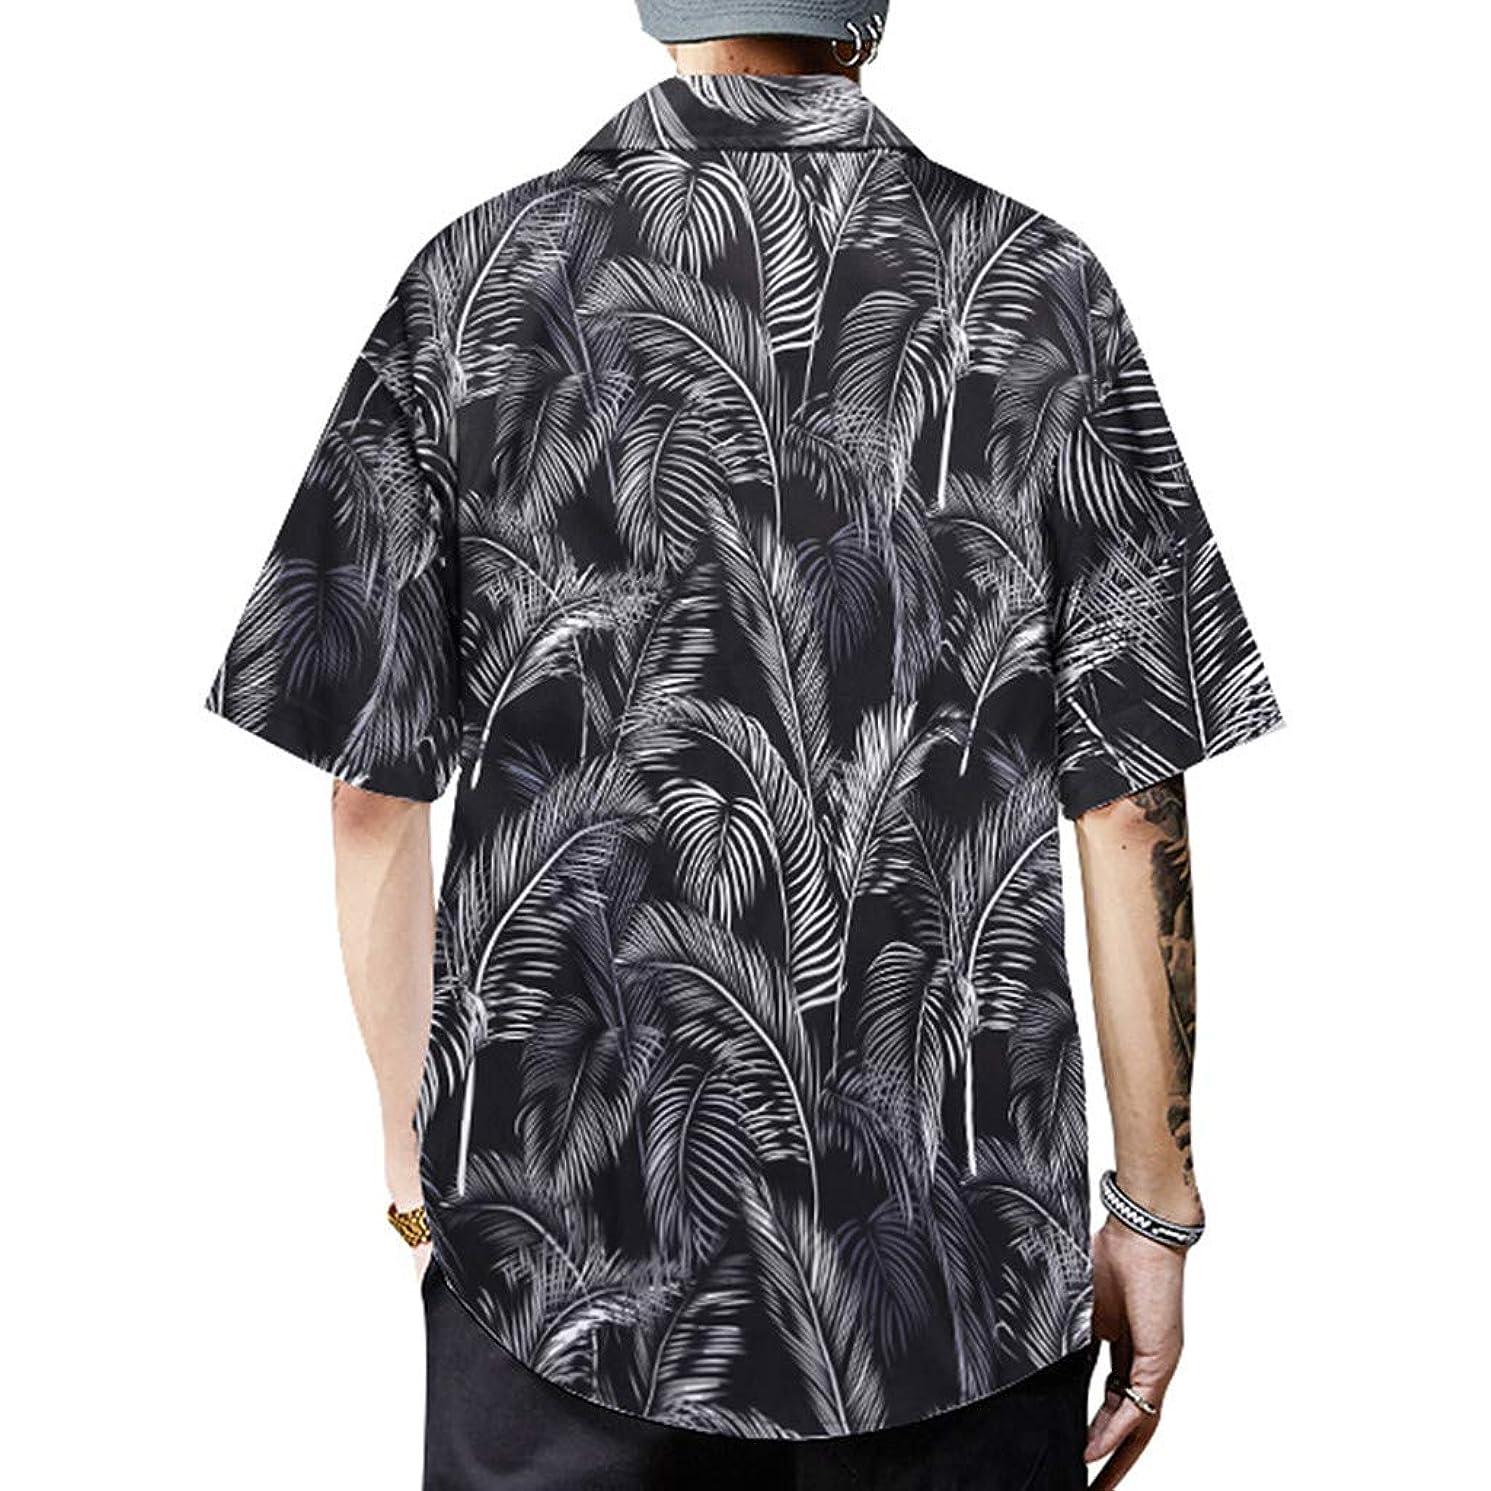 JJLIKER Men's Graphic Print Beach Shirts Aloha Hawaiian Button Down Shirt Summer Hipster Hip Hop Tops Tee